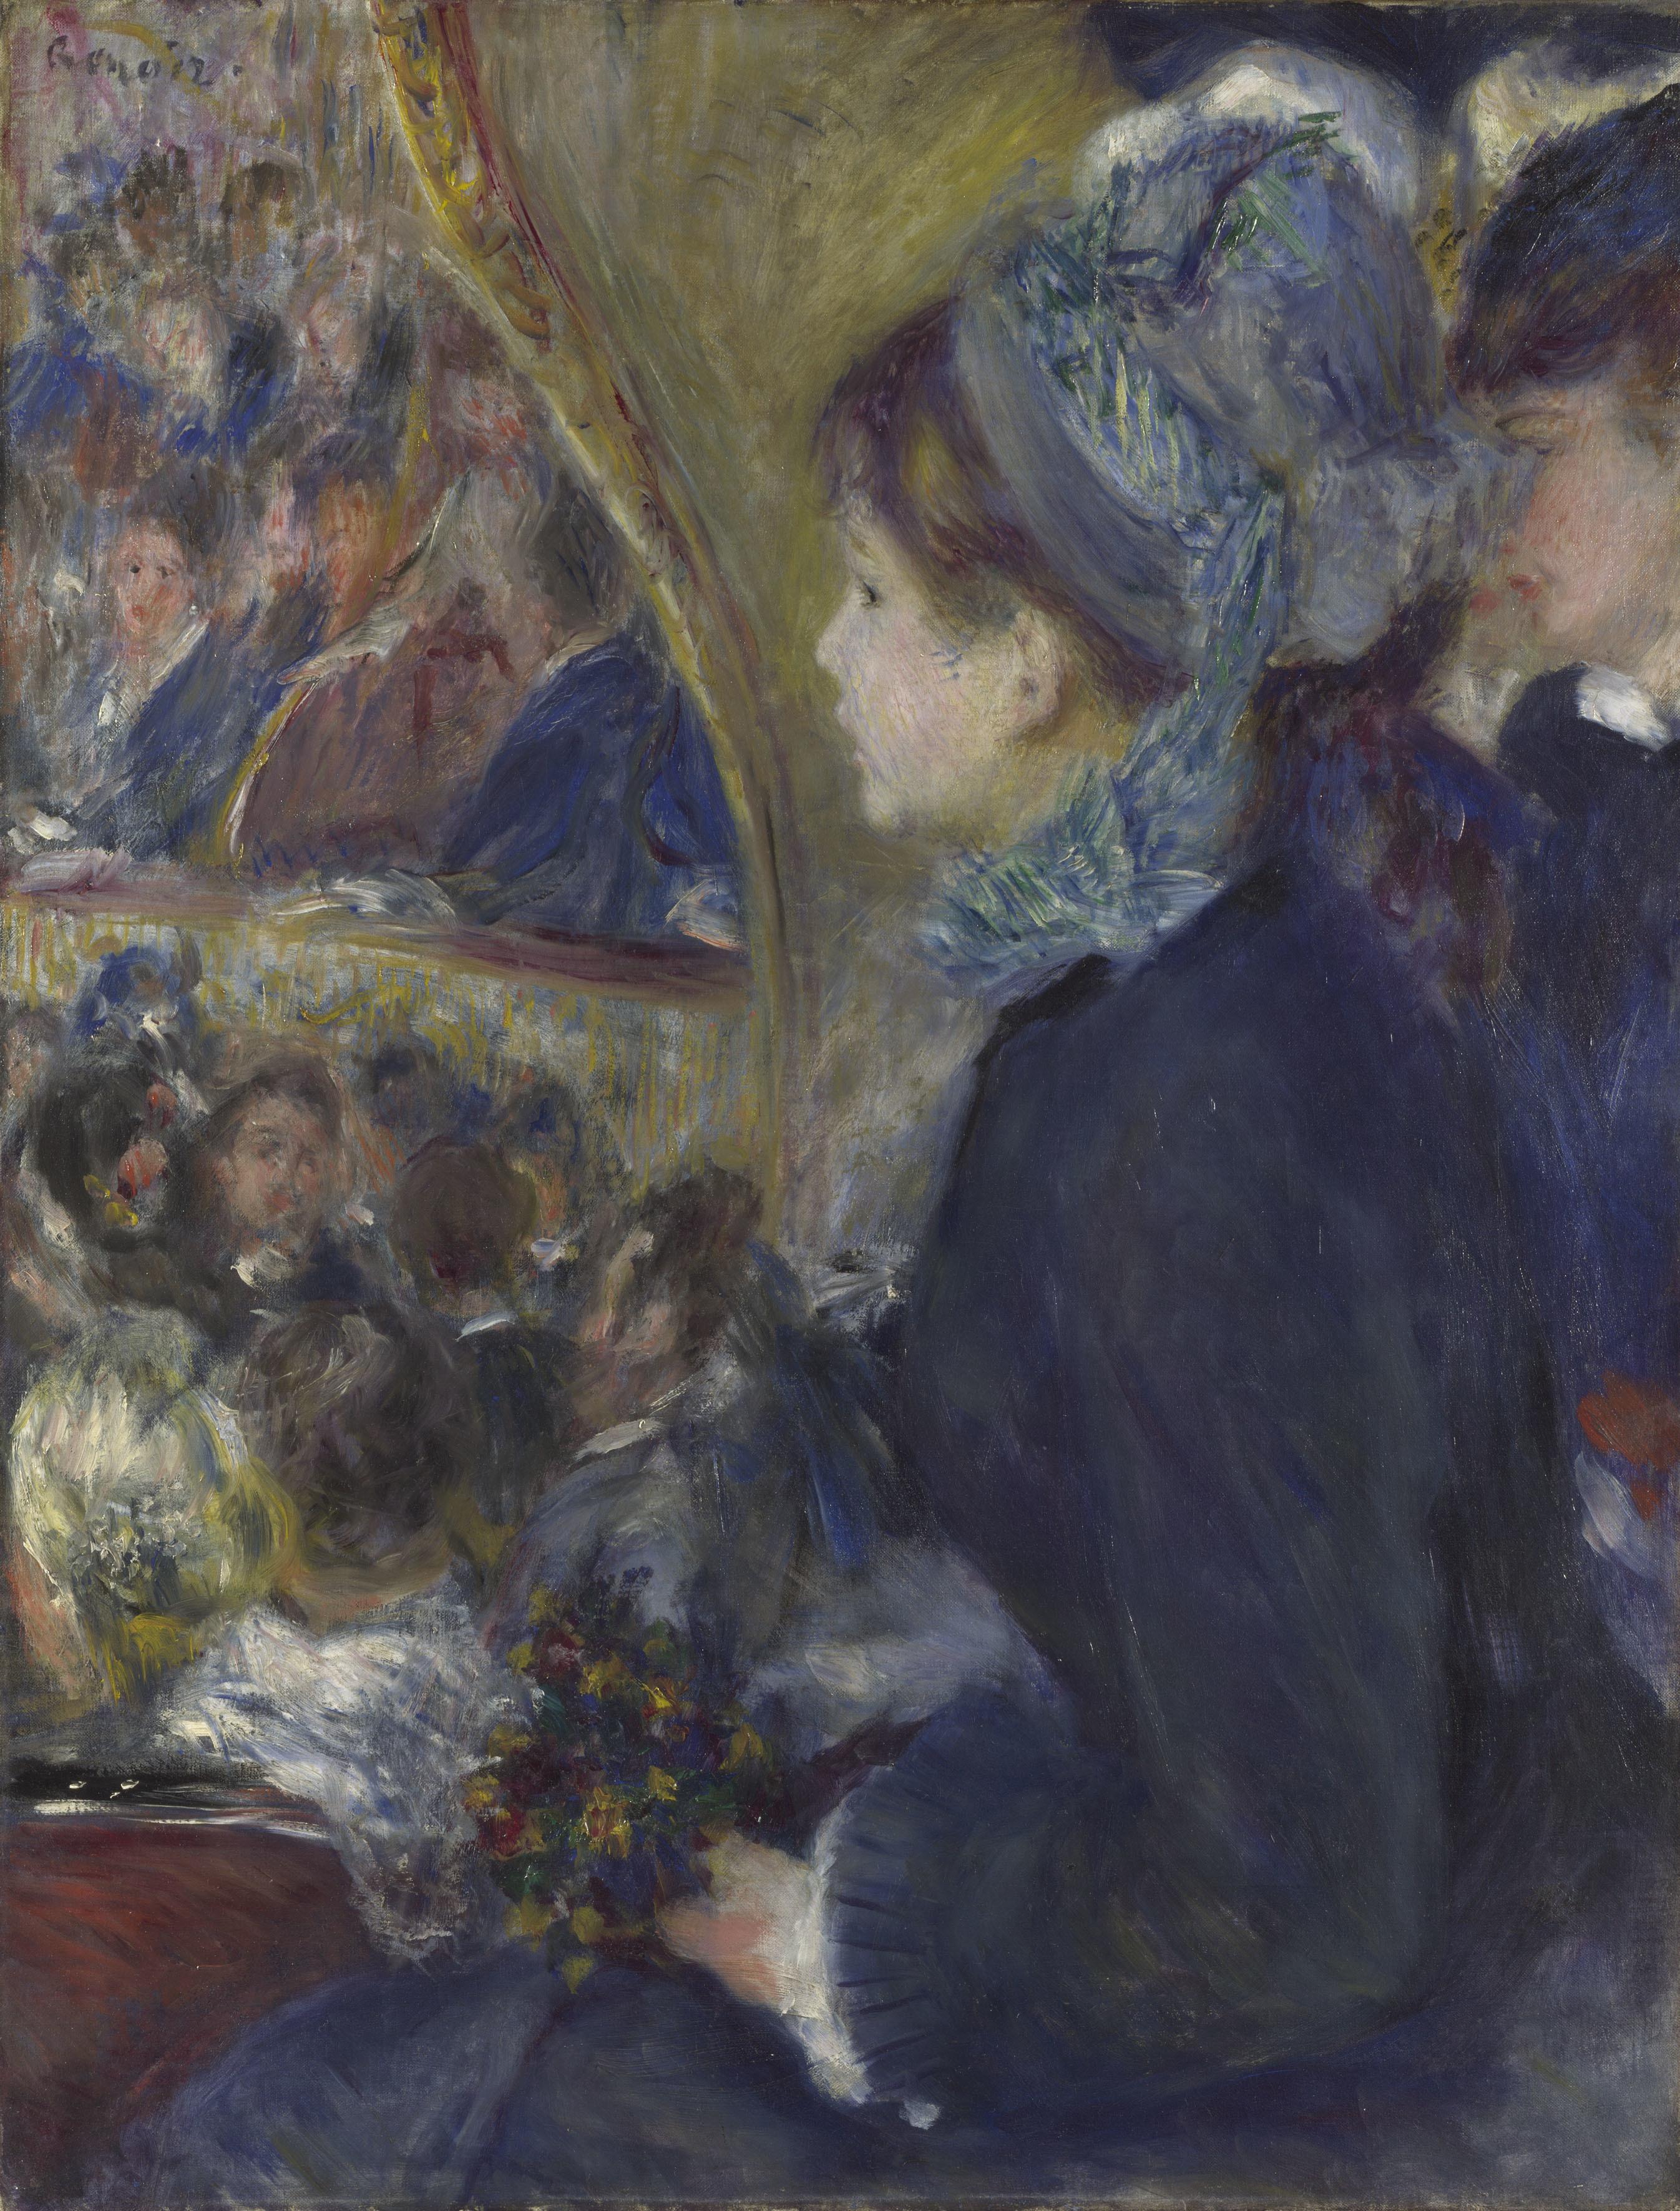 ピエール=オーギュスト・ルノワール 《劇場にて(初めてのお出かけ)》 1876-77年 油彩・カンヴァス 65×49.5cm  (C)The National Gallery, London. Bought, Courtauld Fund, 1923